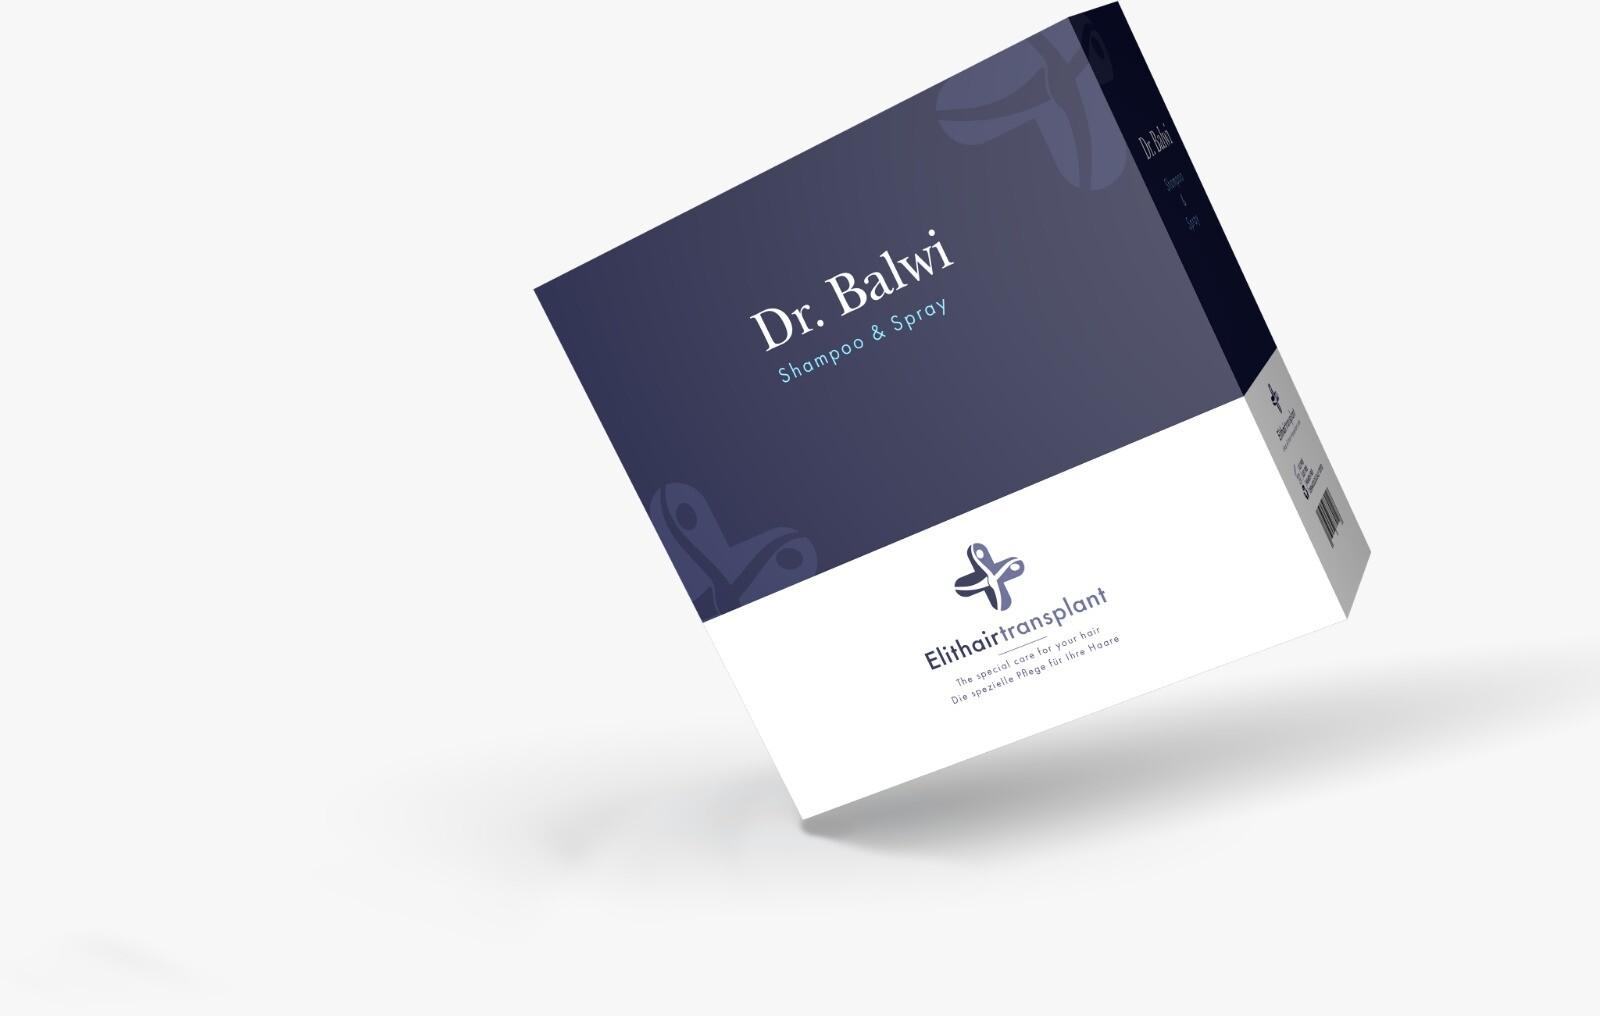 Dr.Balwi Shampoo & Spray